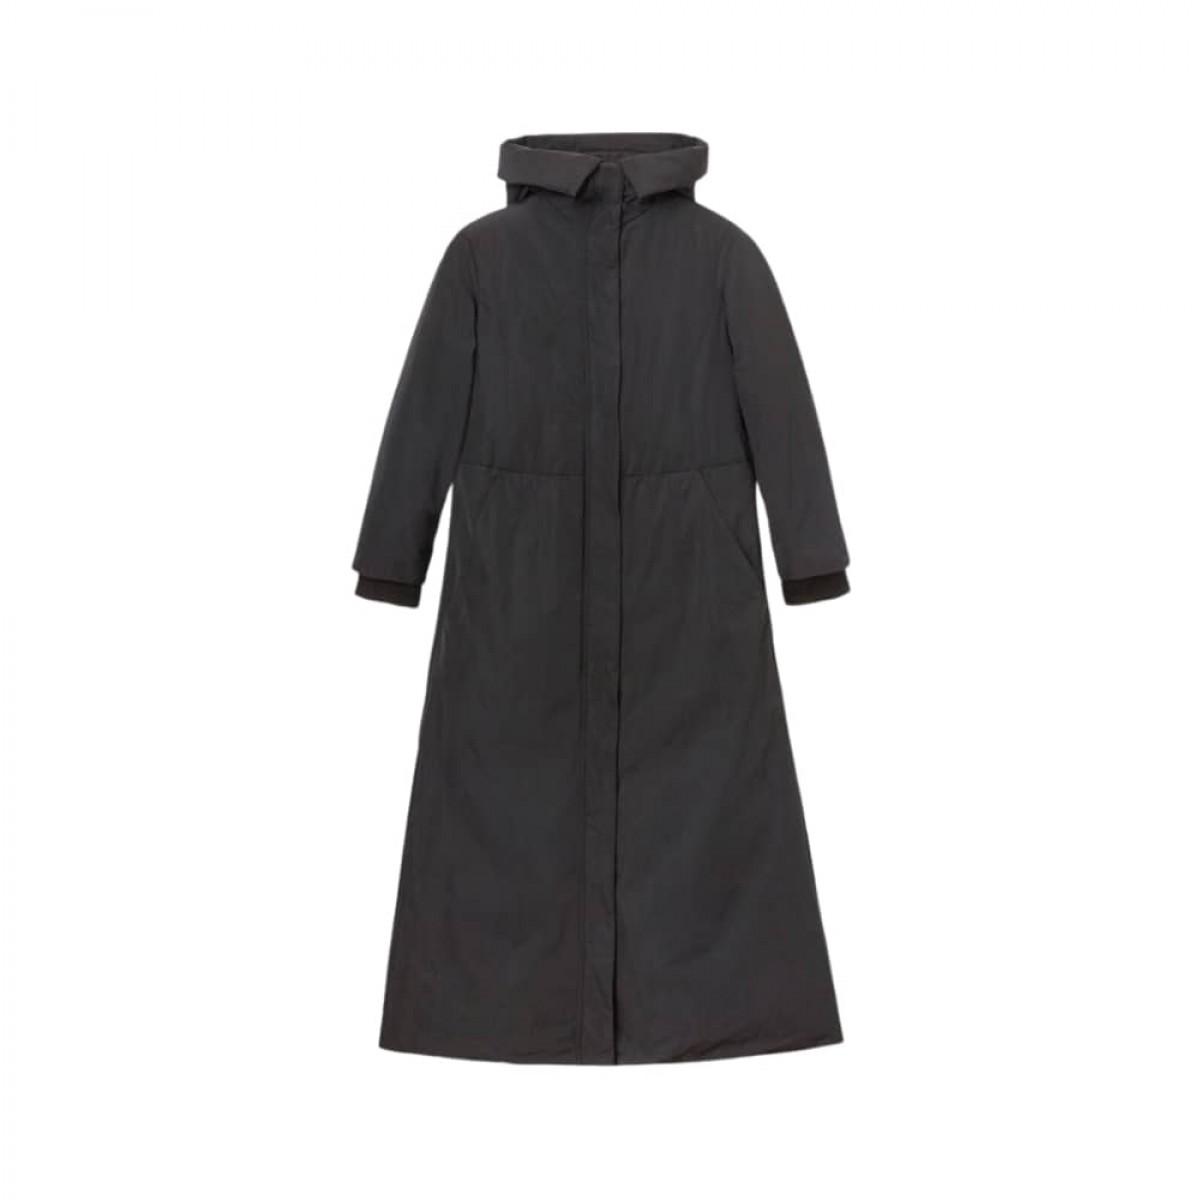 aspesi frakke - black - front